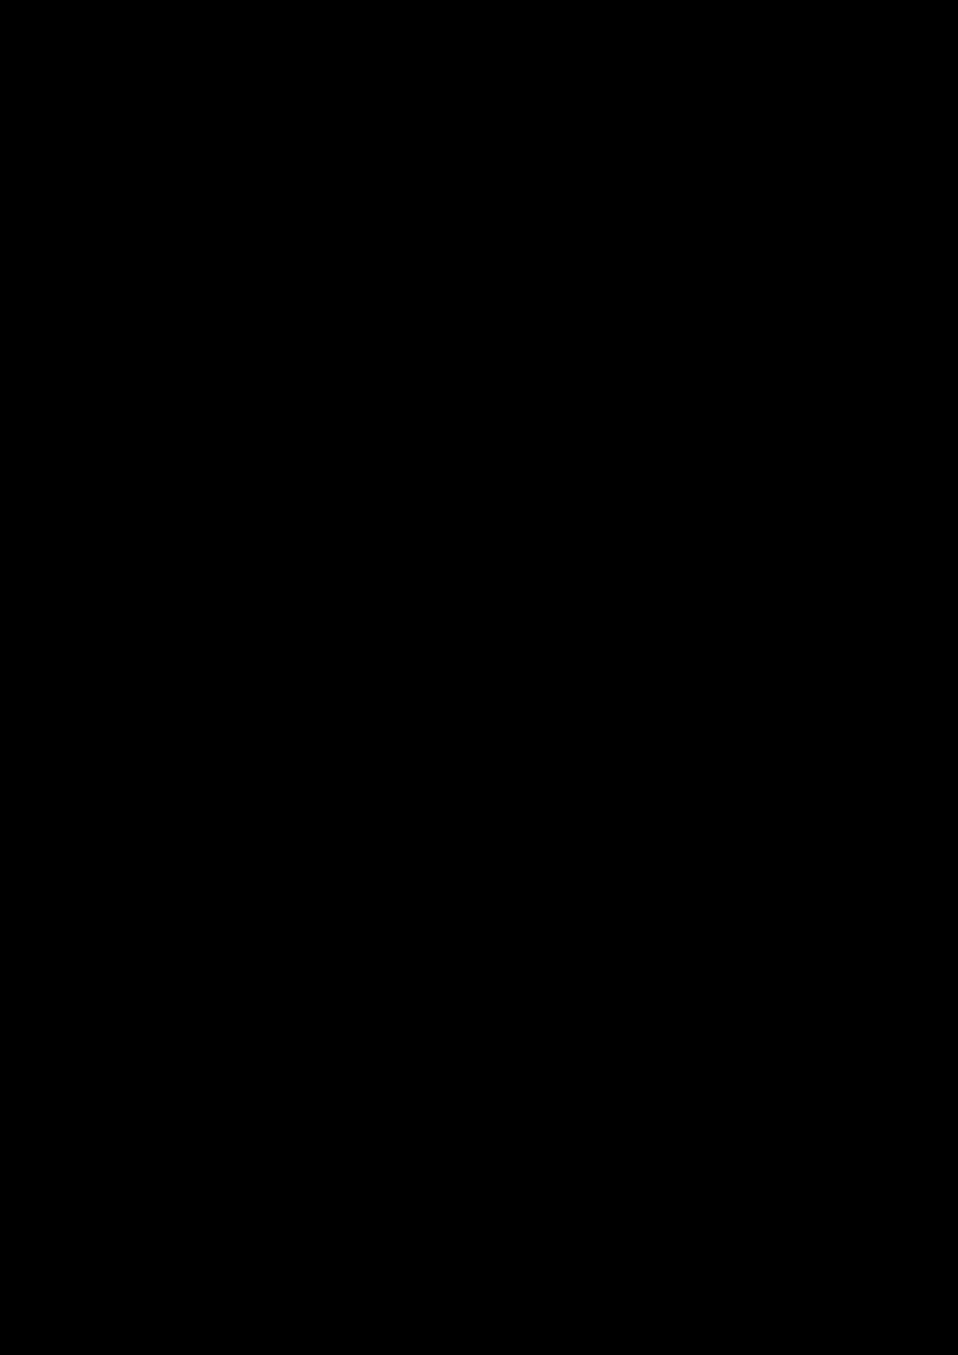 Oil clipart transparent. Public domain clip art